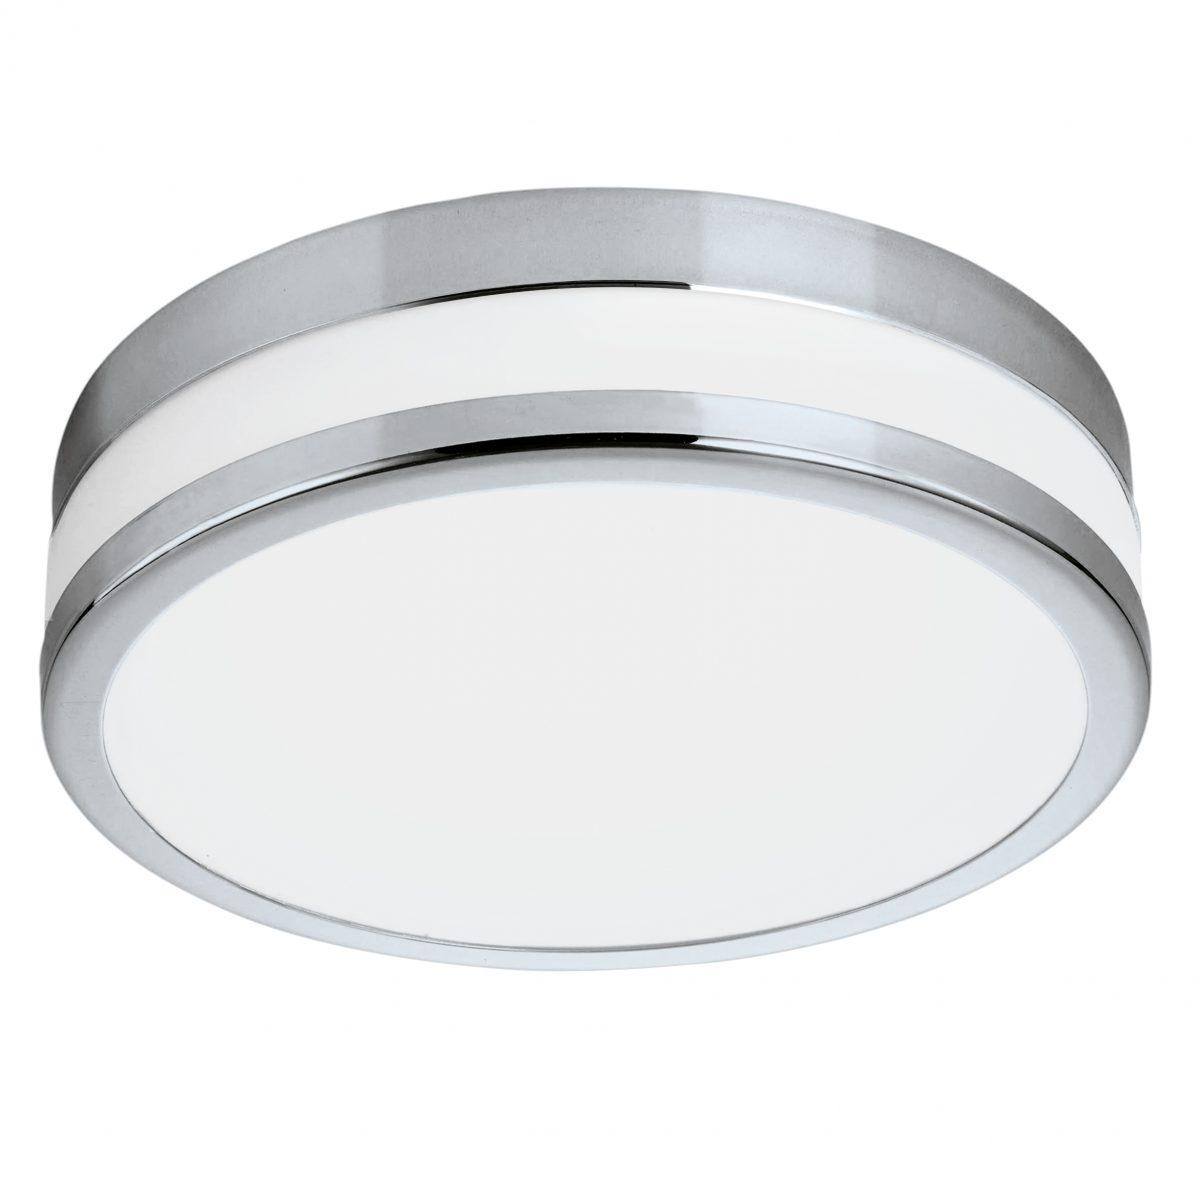 Светильник настенно-потолочный LED PALERMO EGLO 94999 - Фото №28